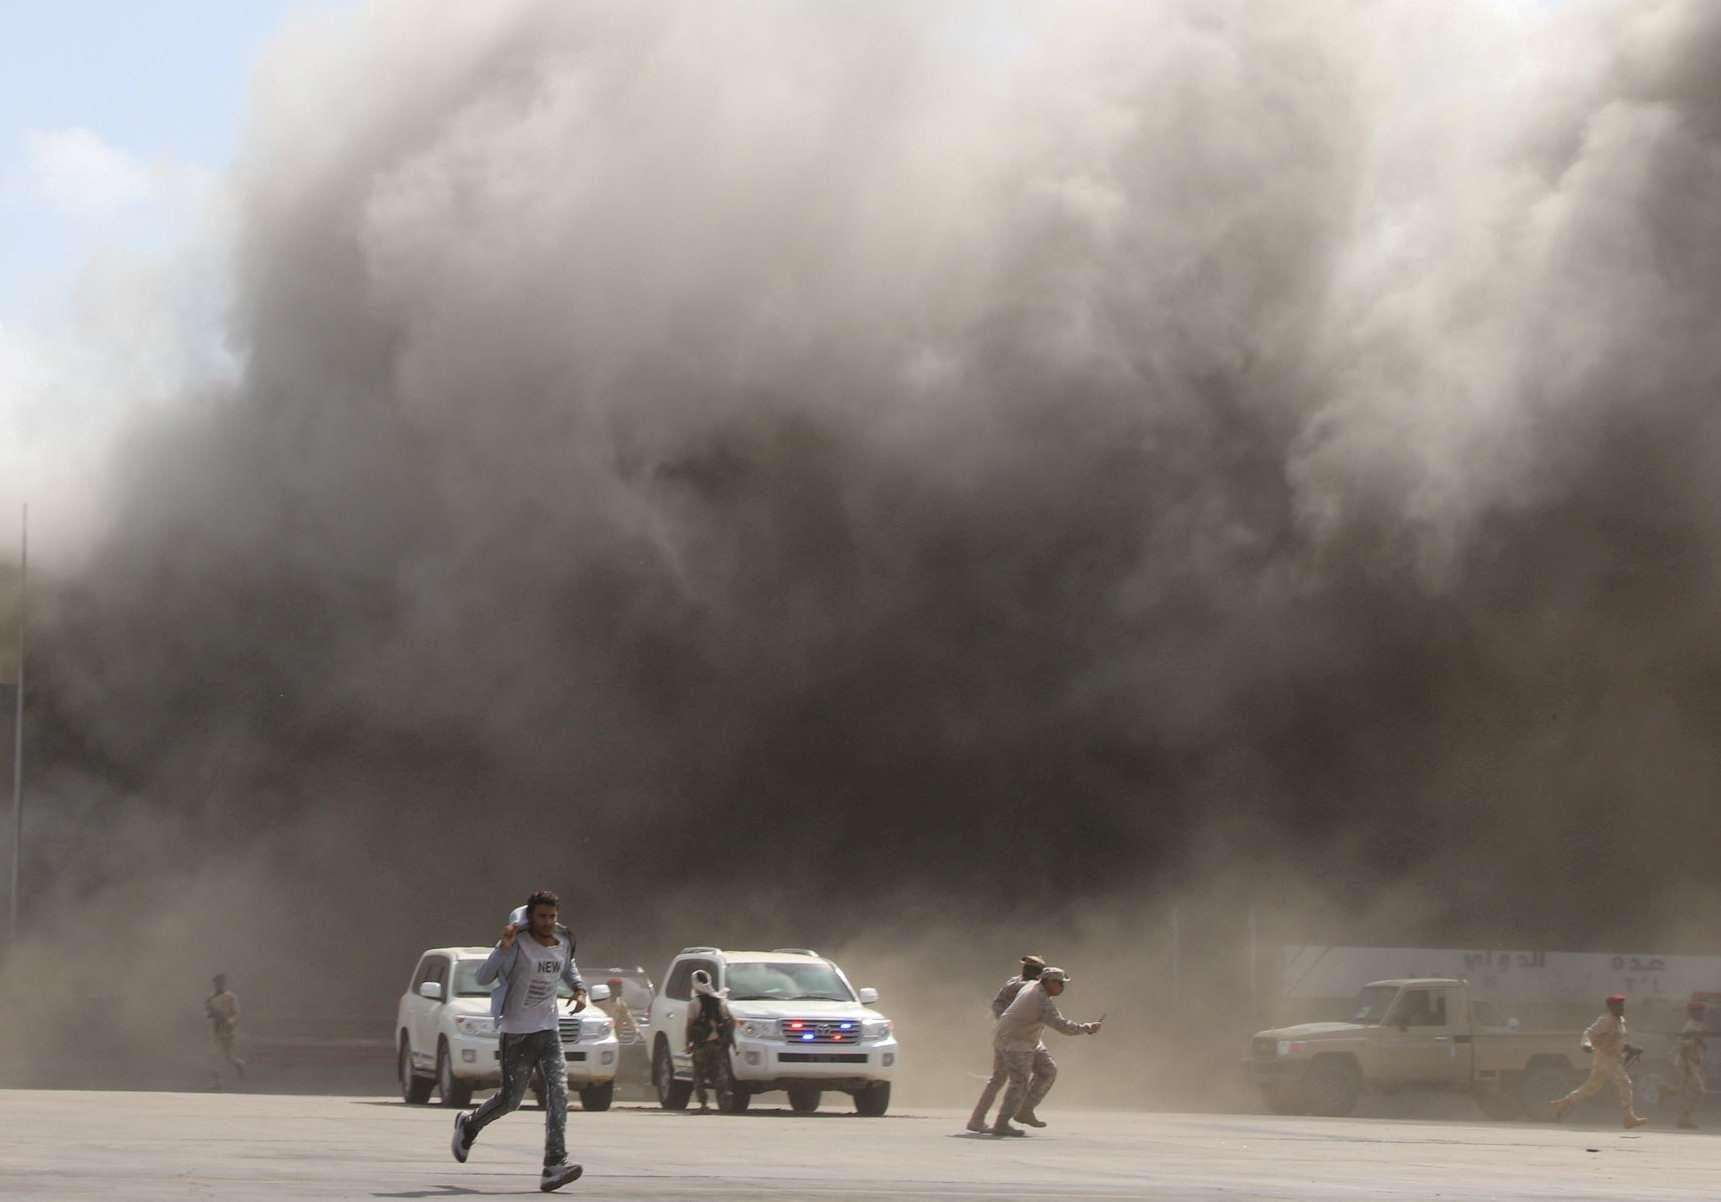 20201230121628reup--2020-12-30t121513z_498457593_rc2oxk9qeamw_rtrmadp_3_yemen-security.h